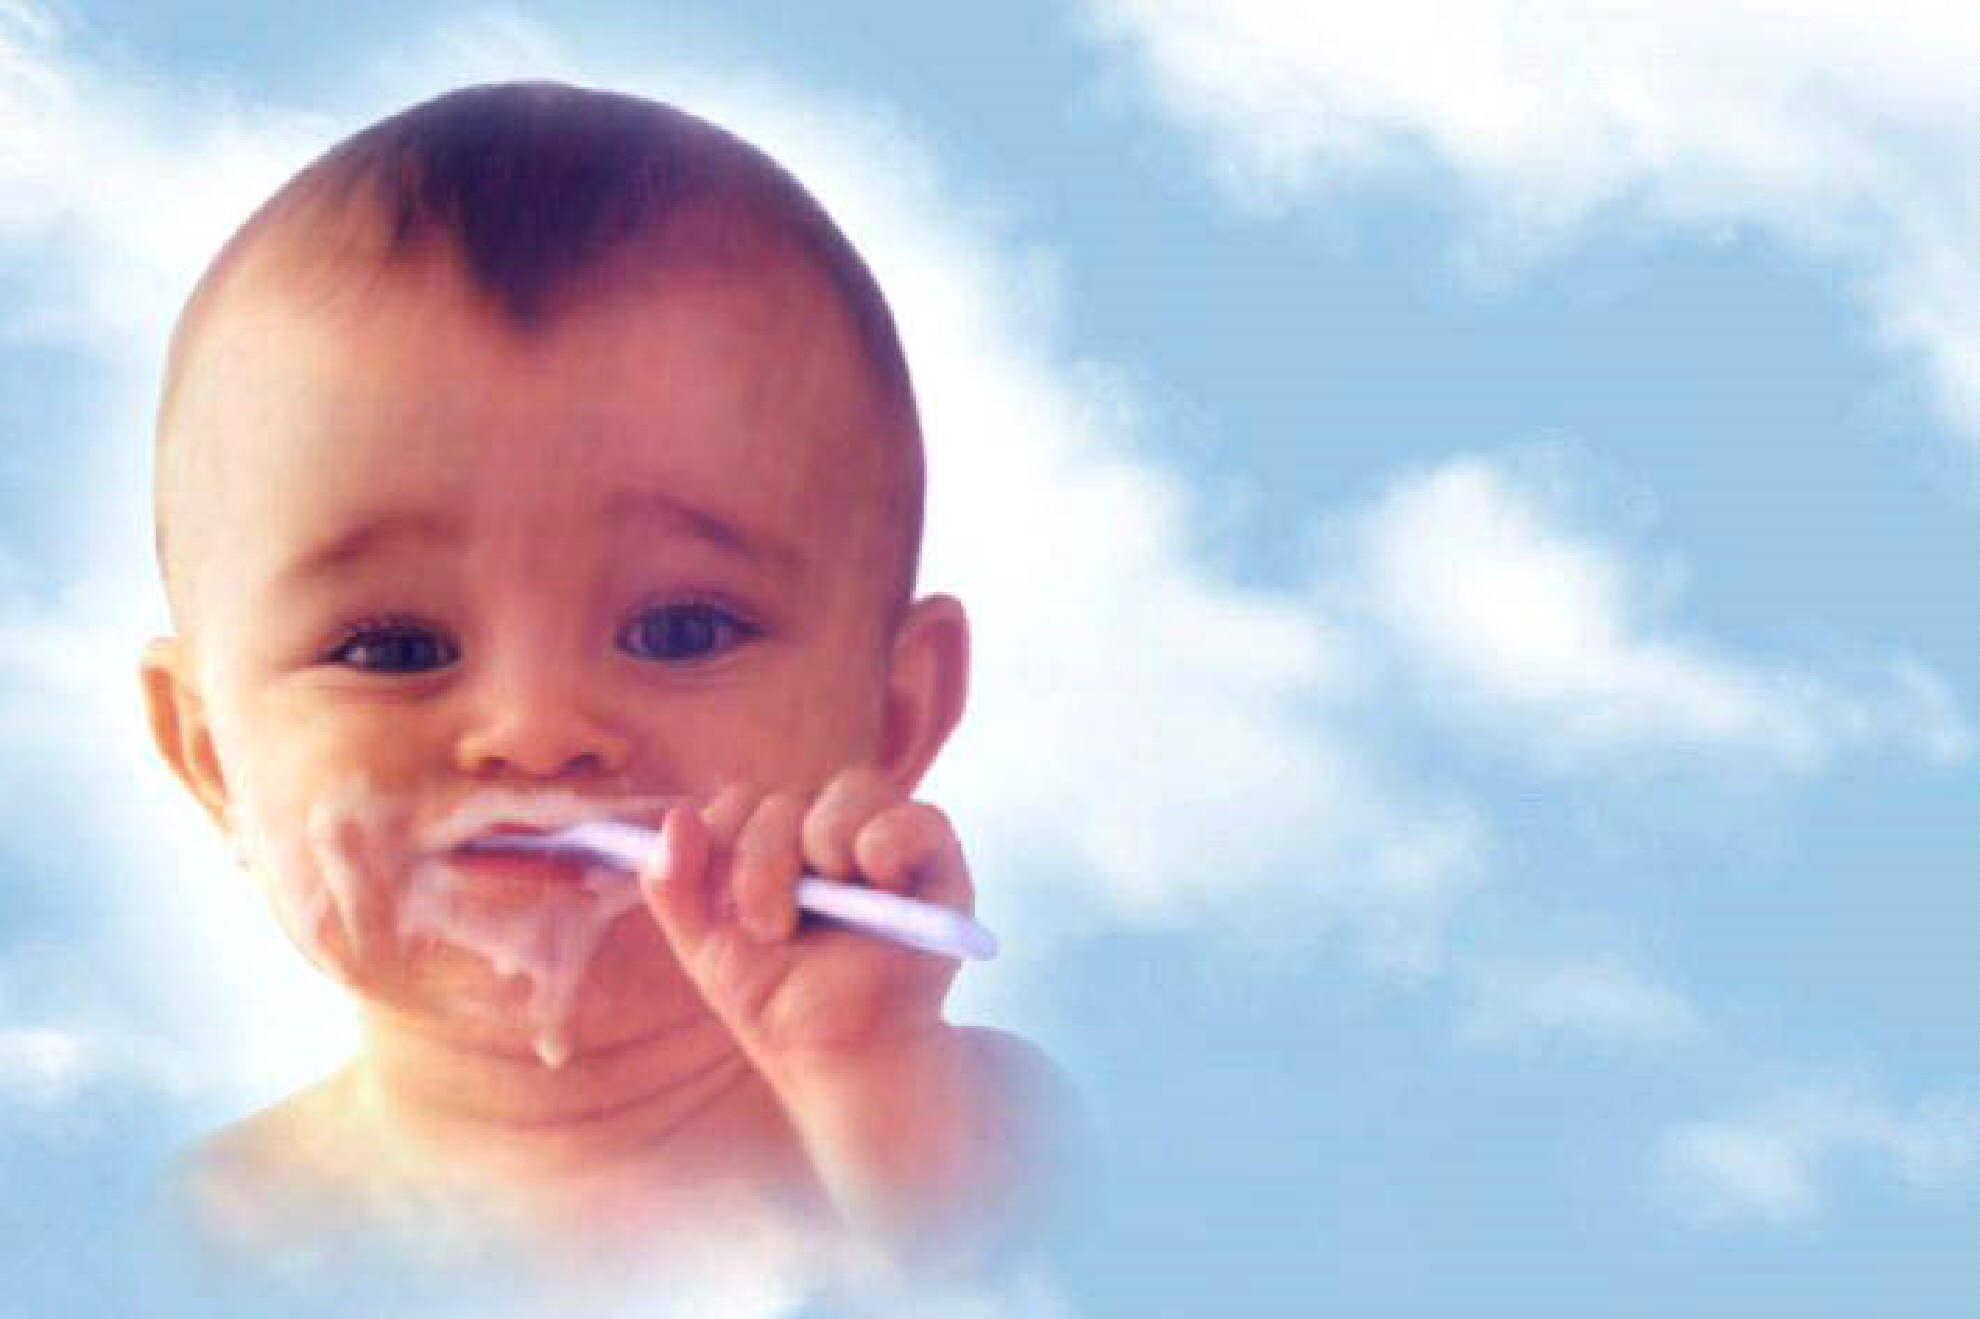 صور اطفال خلفيات وصور اطفال كيوت وجميلة ورقيقة احلي اطفال (73)